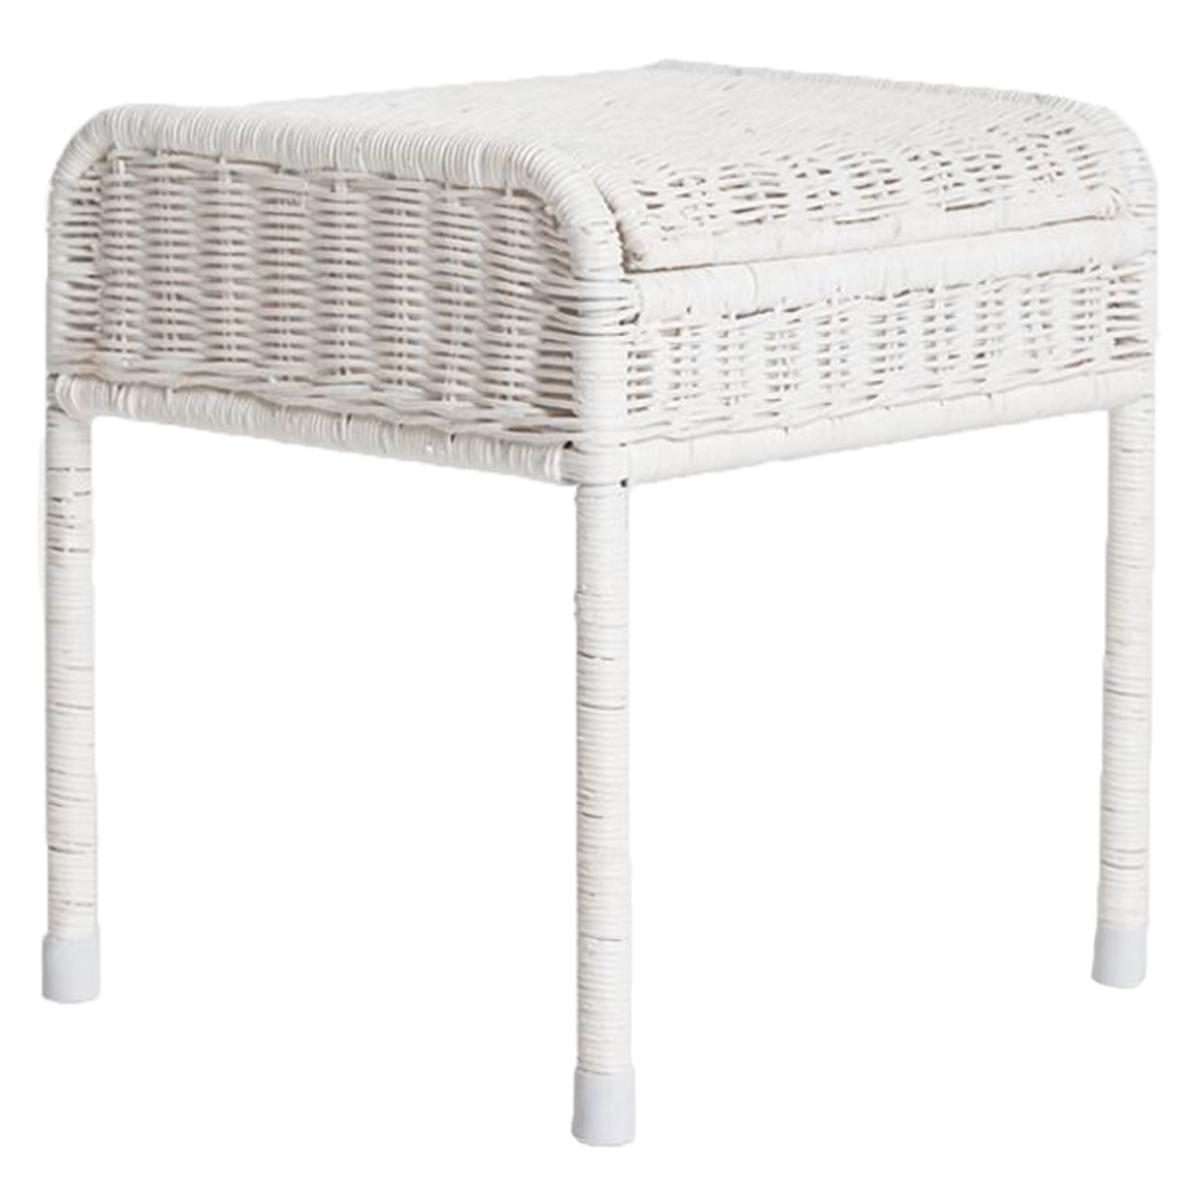 Table & Chaise Bureau Coffre Enfant en Rotin - Blanc Bureau Coffre Enfant en Rotin - Blanc